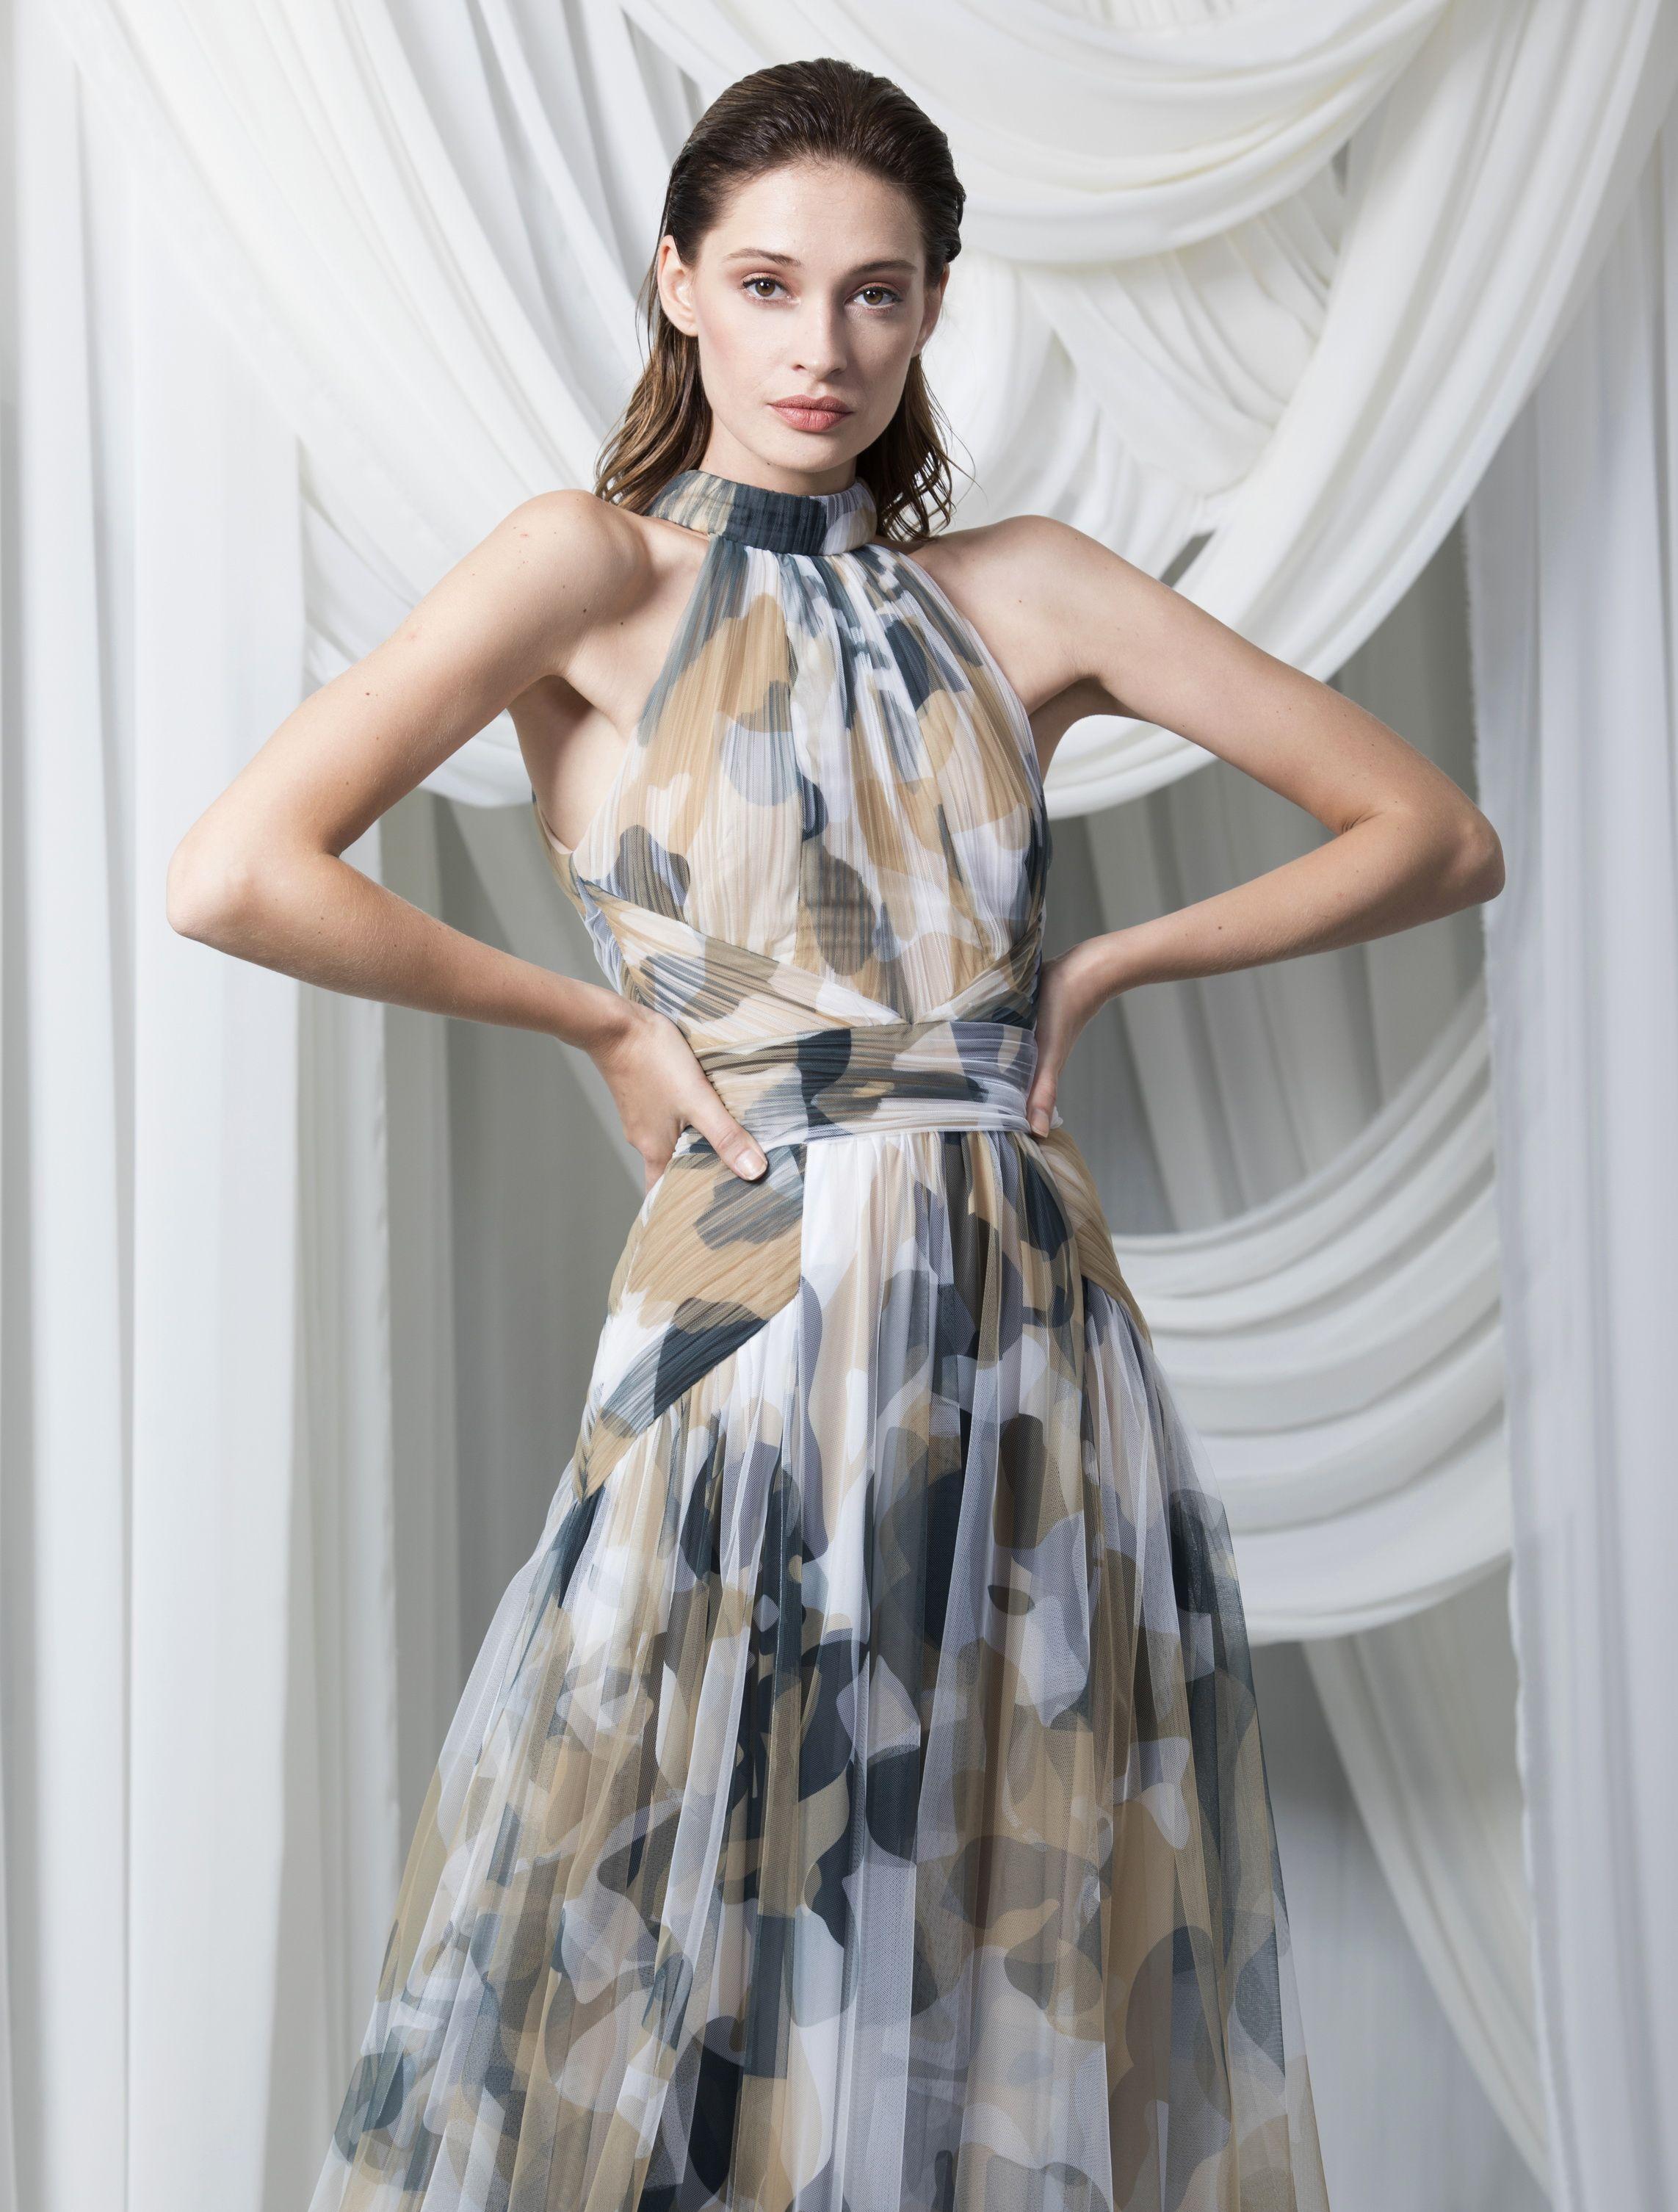 Prints And Patterns Couture Dresses Unique Dresses Dresses [ 3012 x 2285 Pixel ]